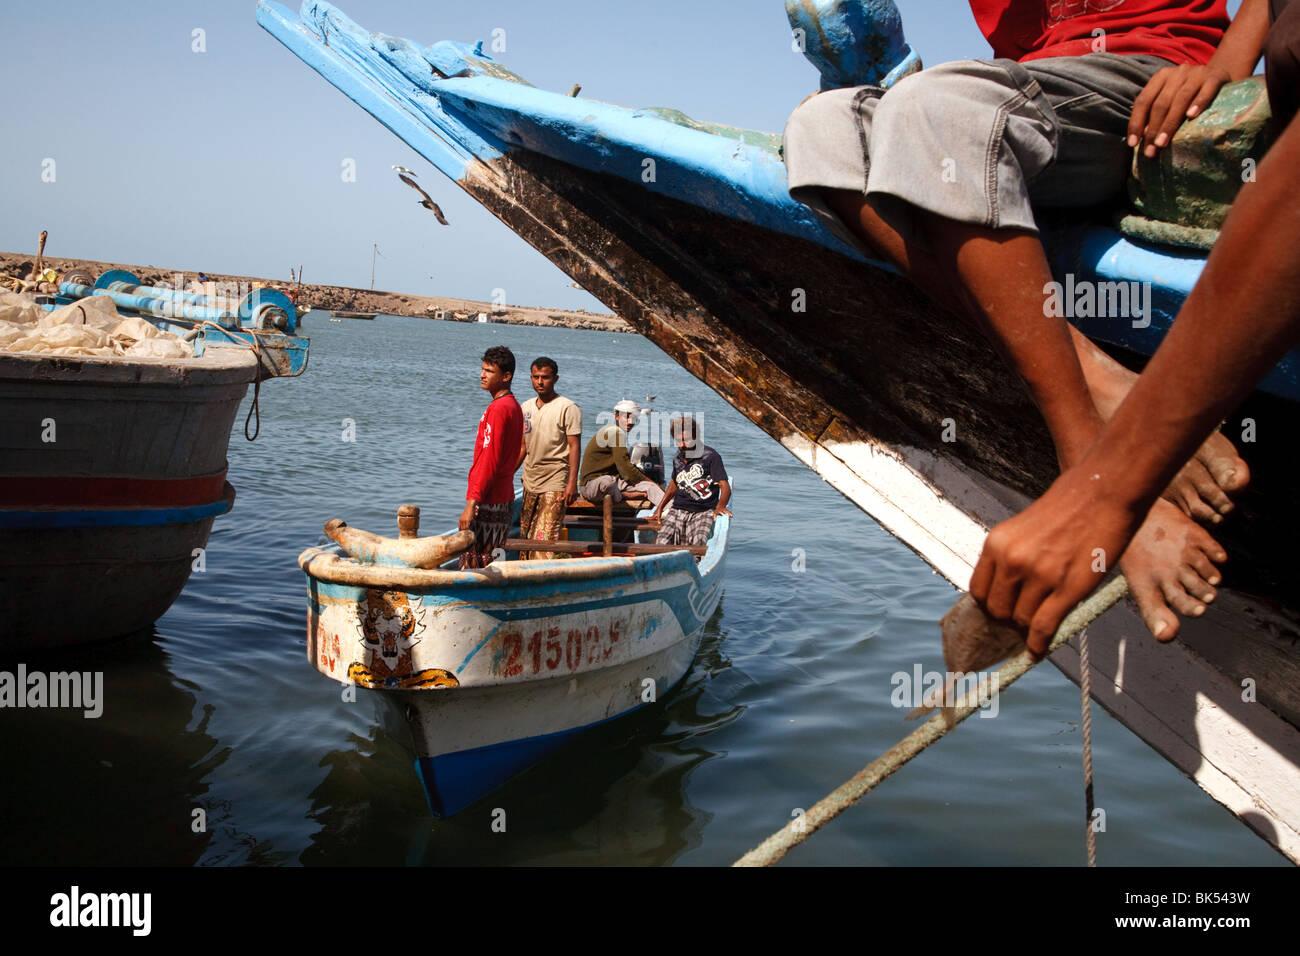 Daily life activities in the fishing port in al-Hodeidah, Yemen. - Stock Image